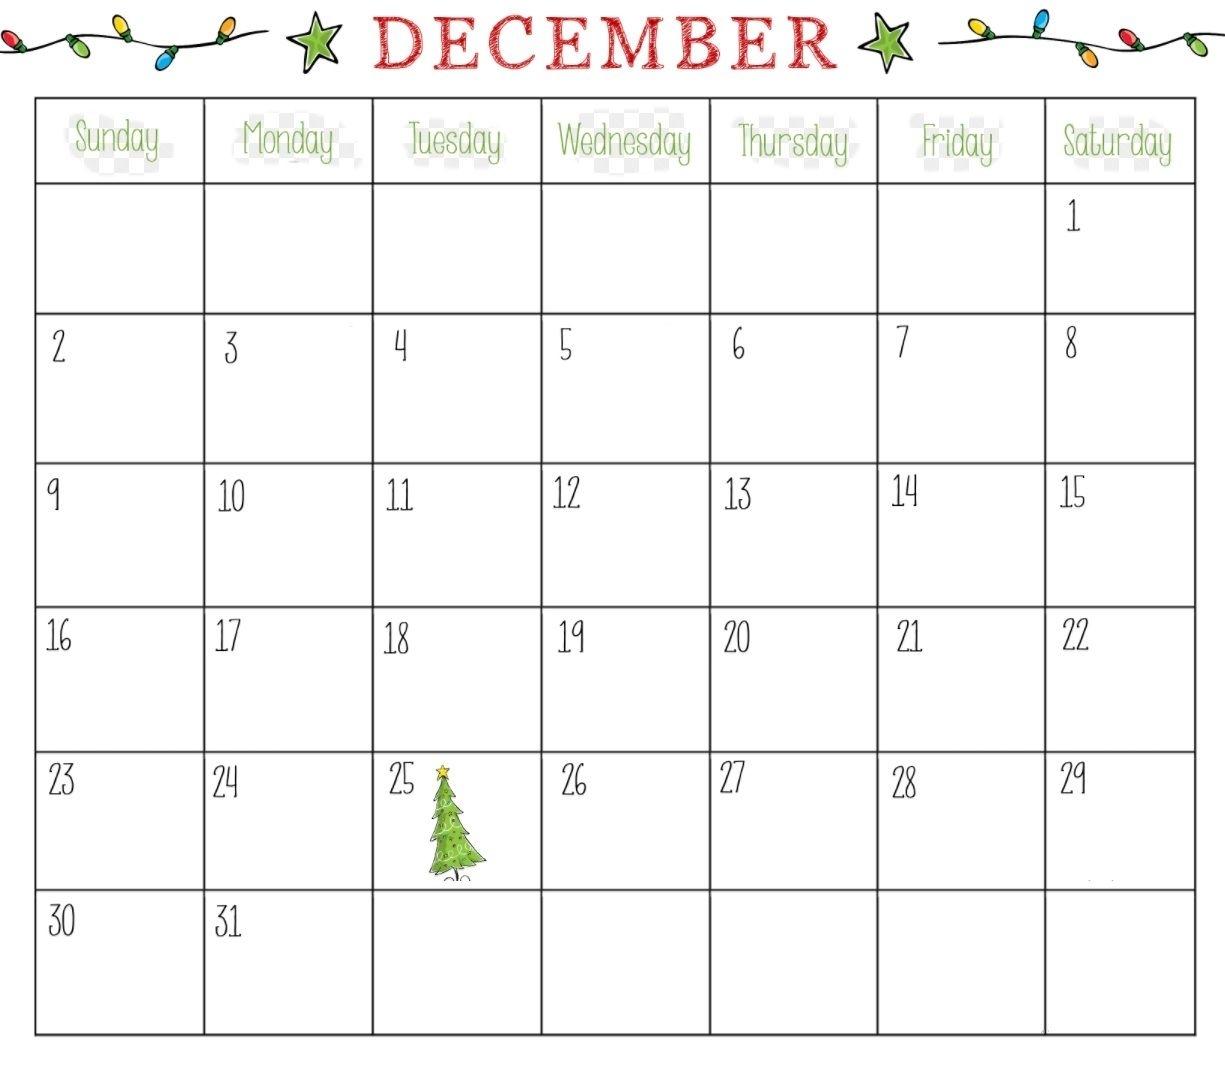 Collect December Christmas Calendar Printable